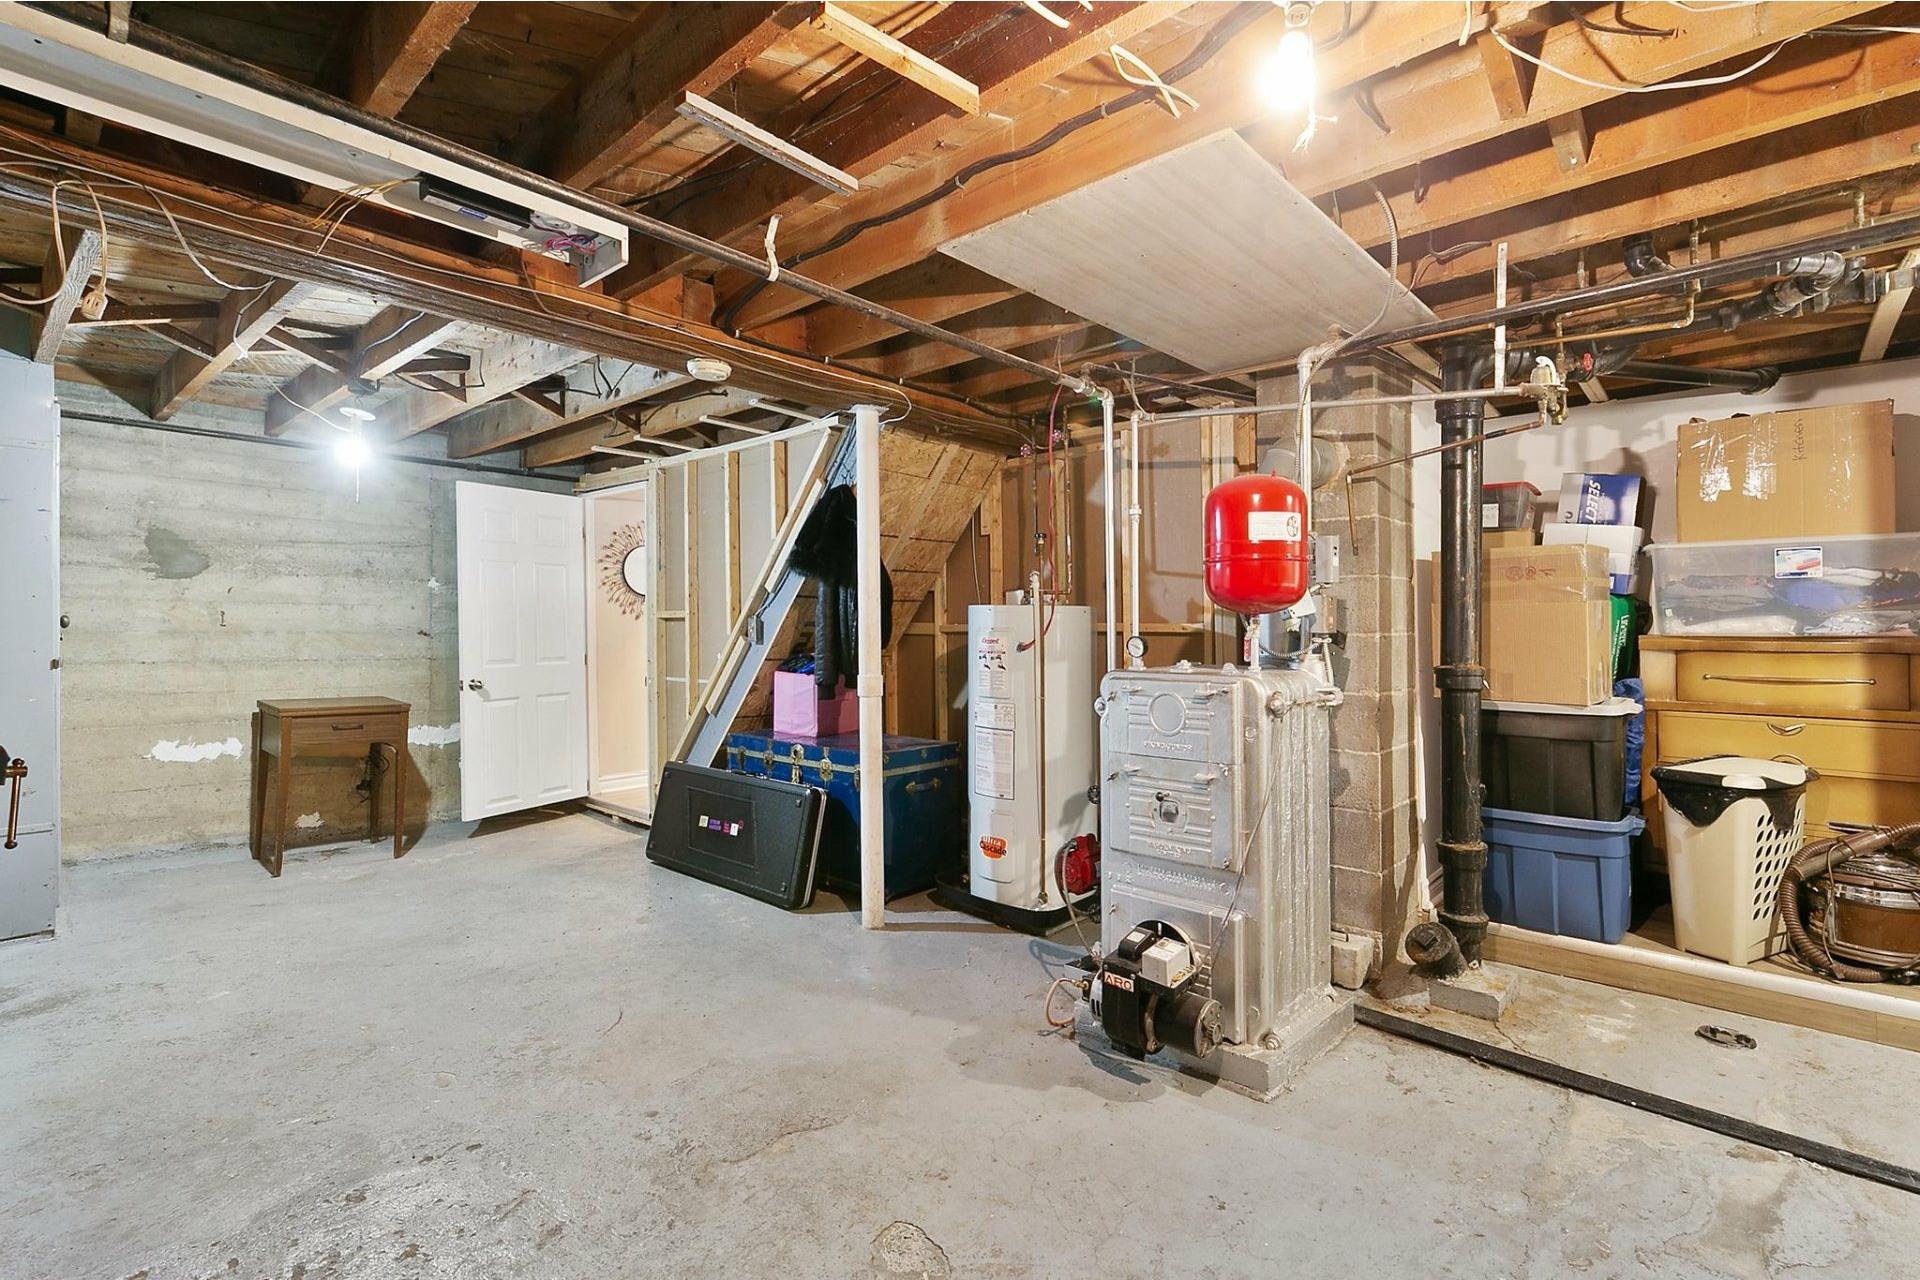 image 21 - Maison À vendre Villeray/Saint-Michel/Parc-Extension Montréal  - 10 pièces